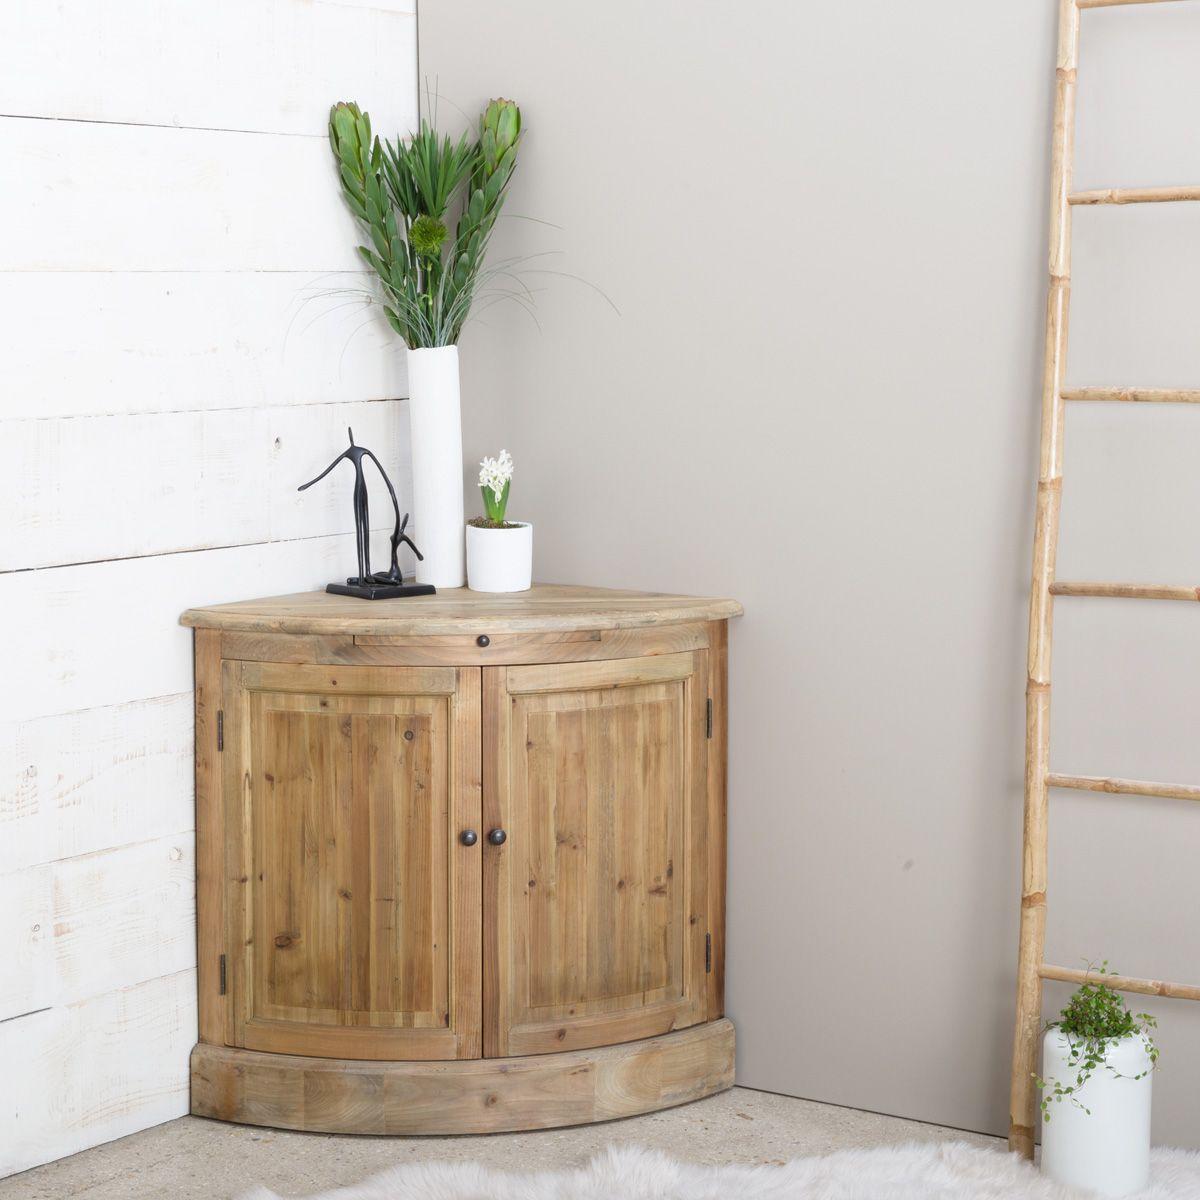 epingle sur meubles en bois recycle